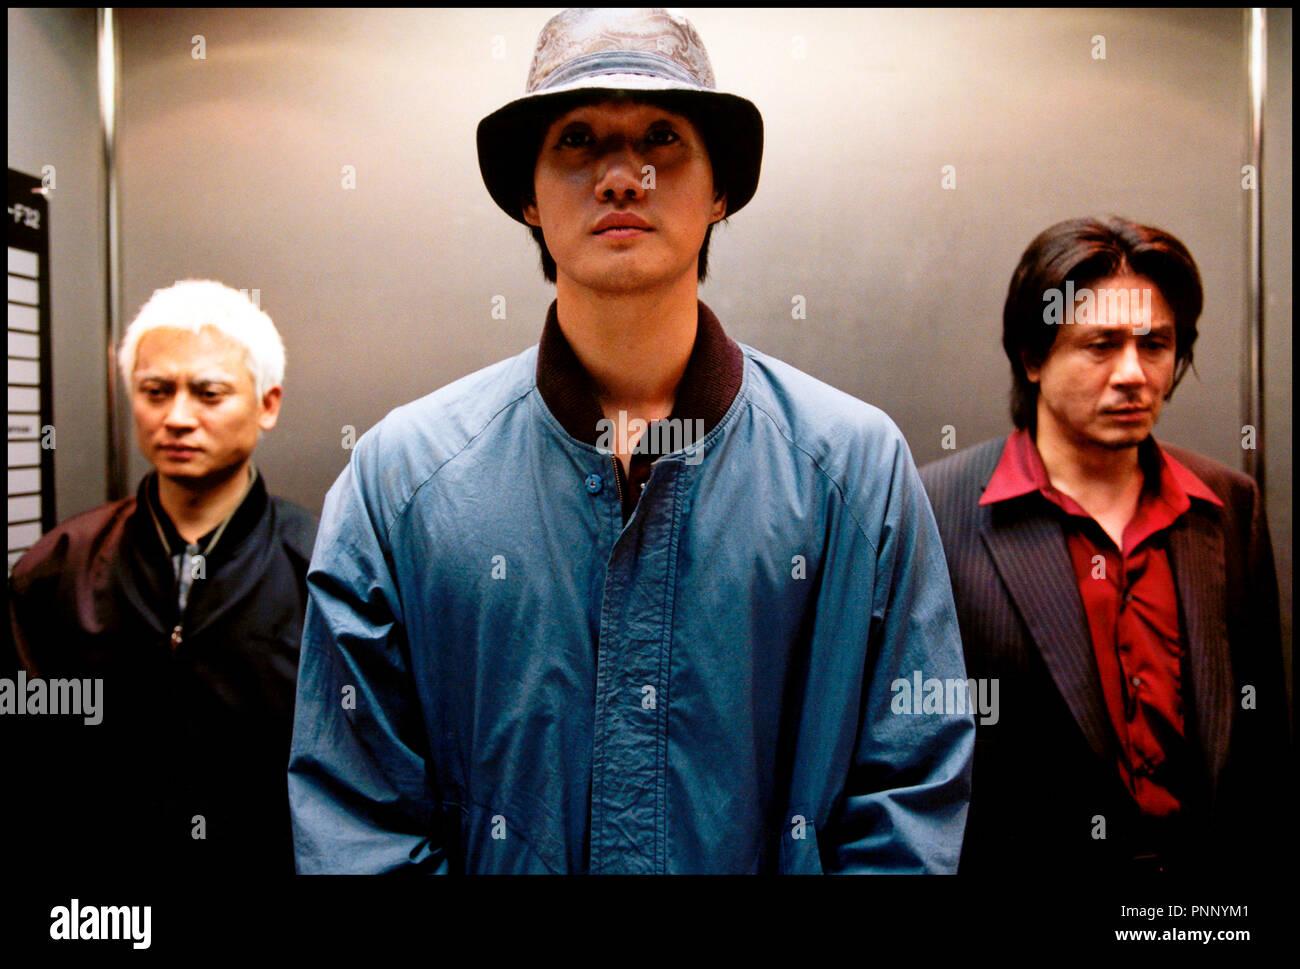 Prod DB © Show est / DR vieux garçon (Aicha) de Park Chan-wook 2003 CDR avec Choi Min-sik Photo Stock